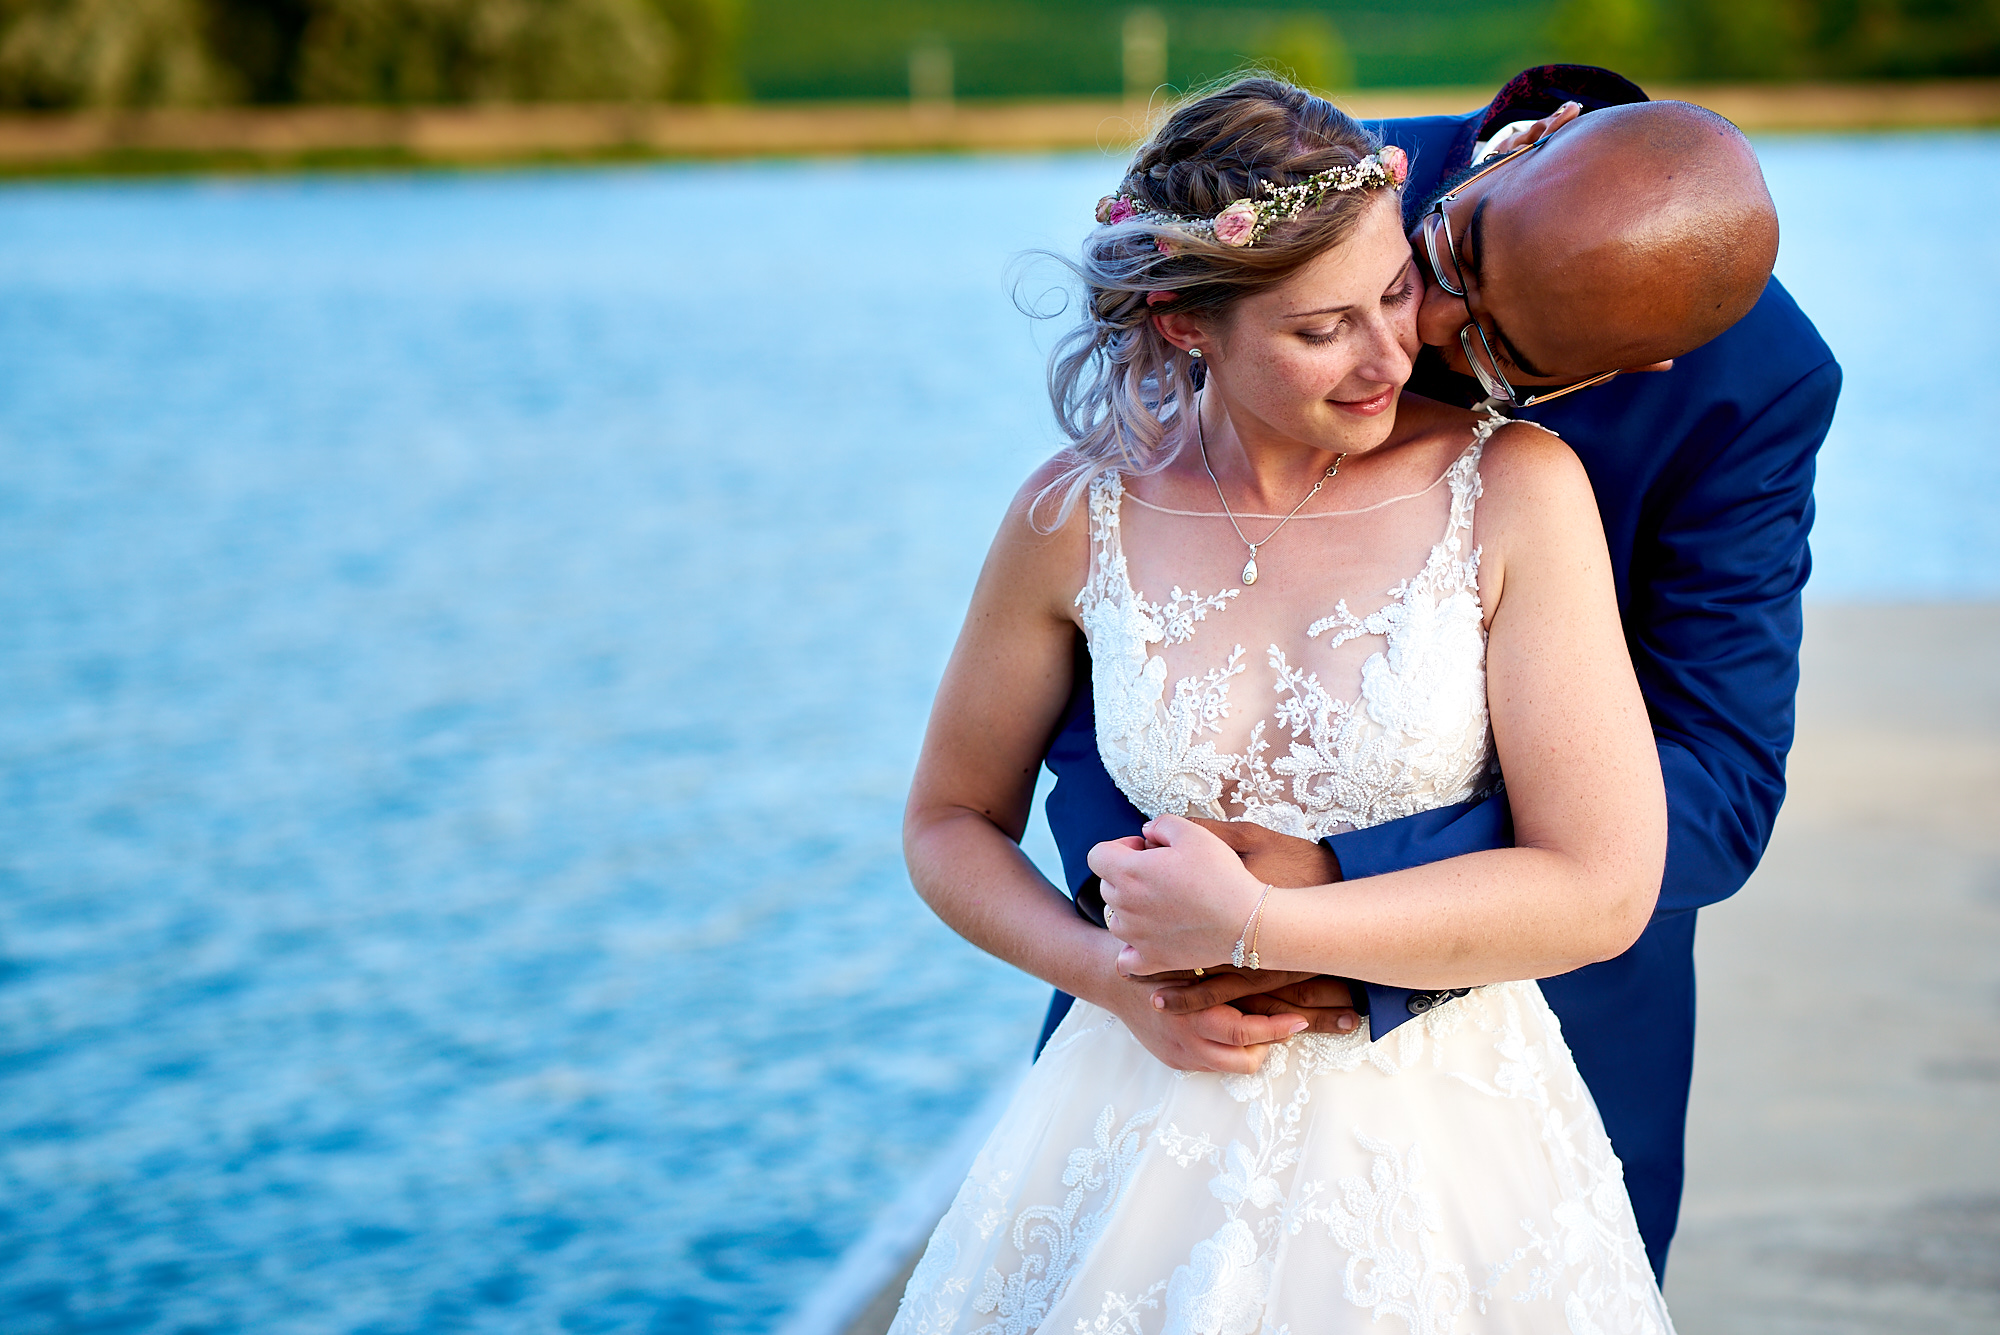 Photographe de mariage à Auxerre en Bourgogne-Franche-Comté | Séance couple des mariés